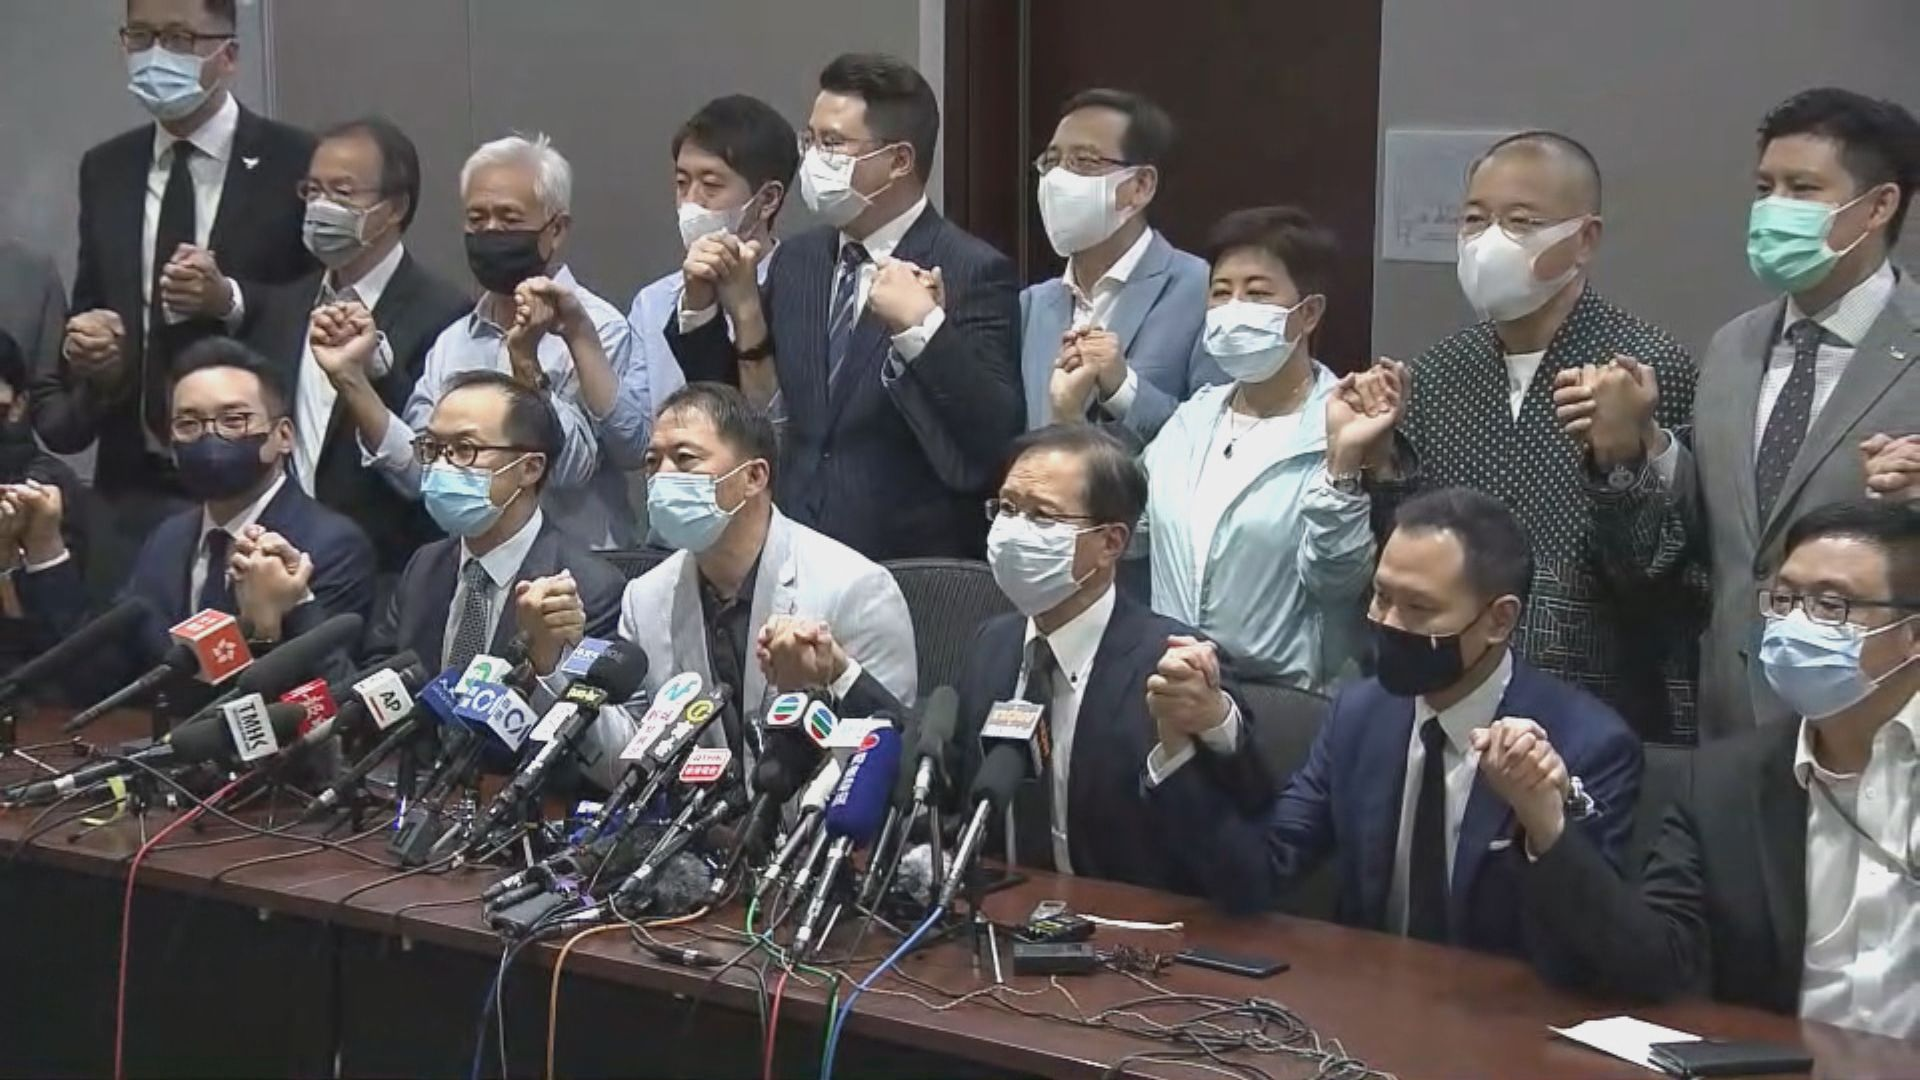 【最新】民主派宣布總辭 胡志偉:一國兩制正式宣布死亡